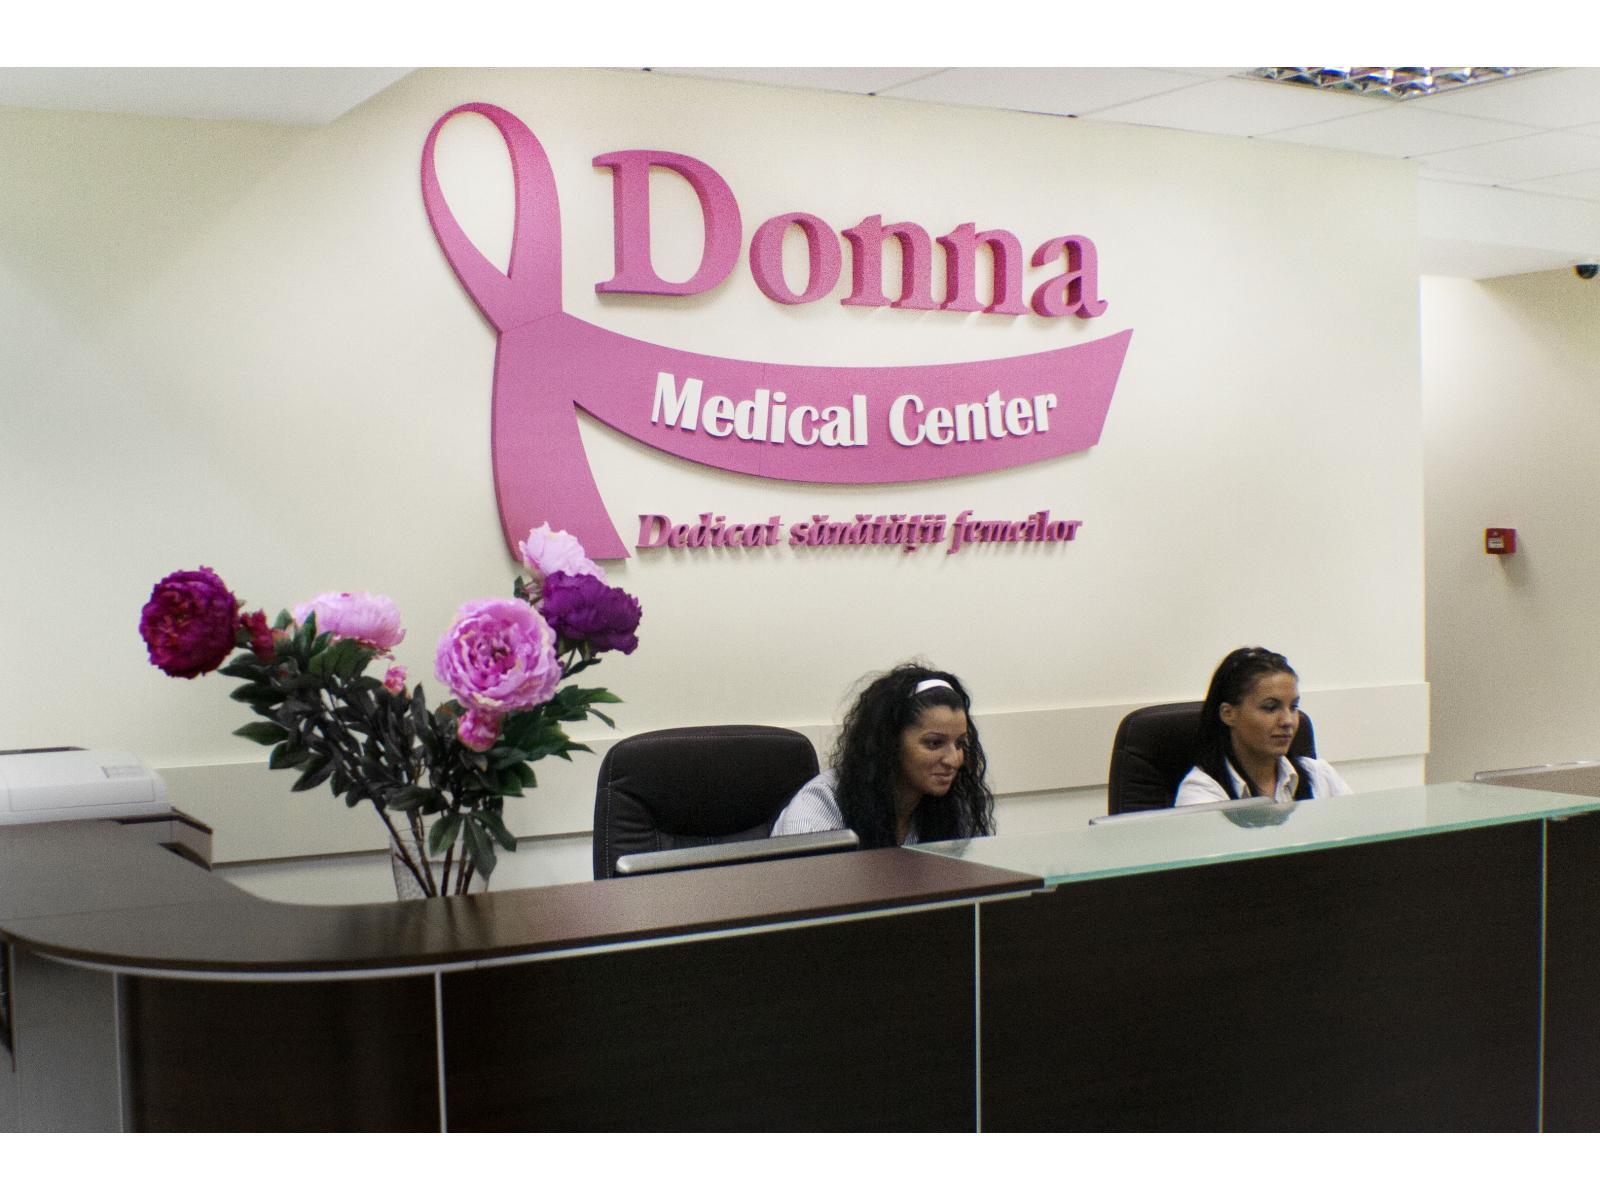 Donna Medical Center - IMG_6079.jpg